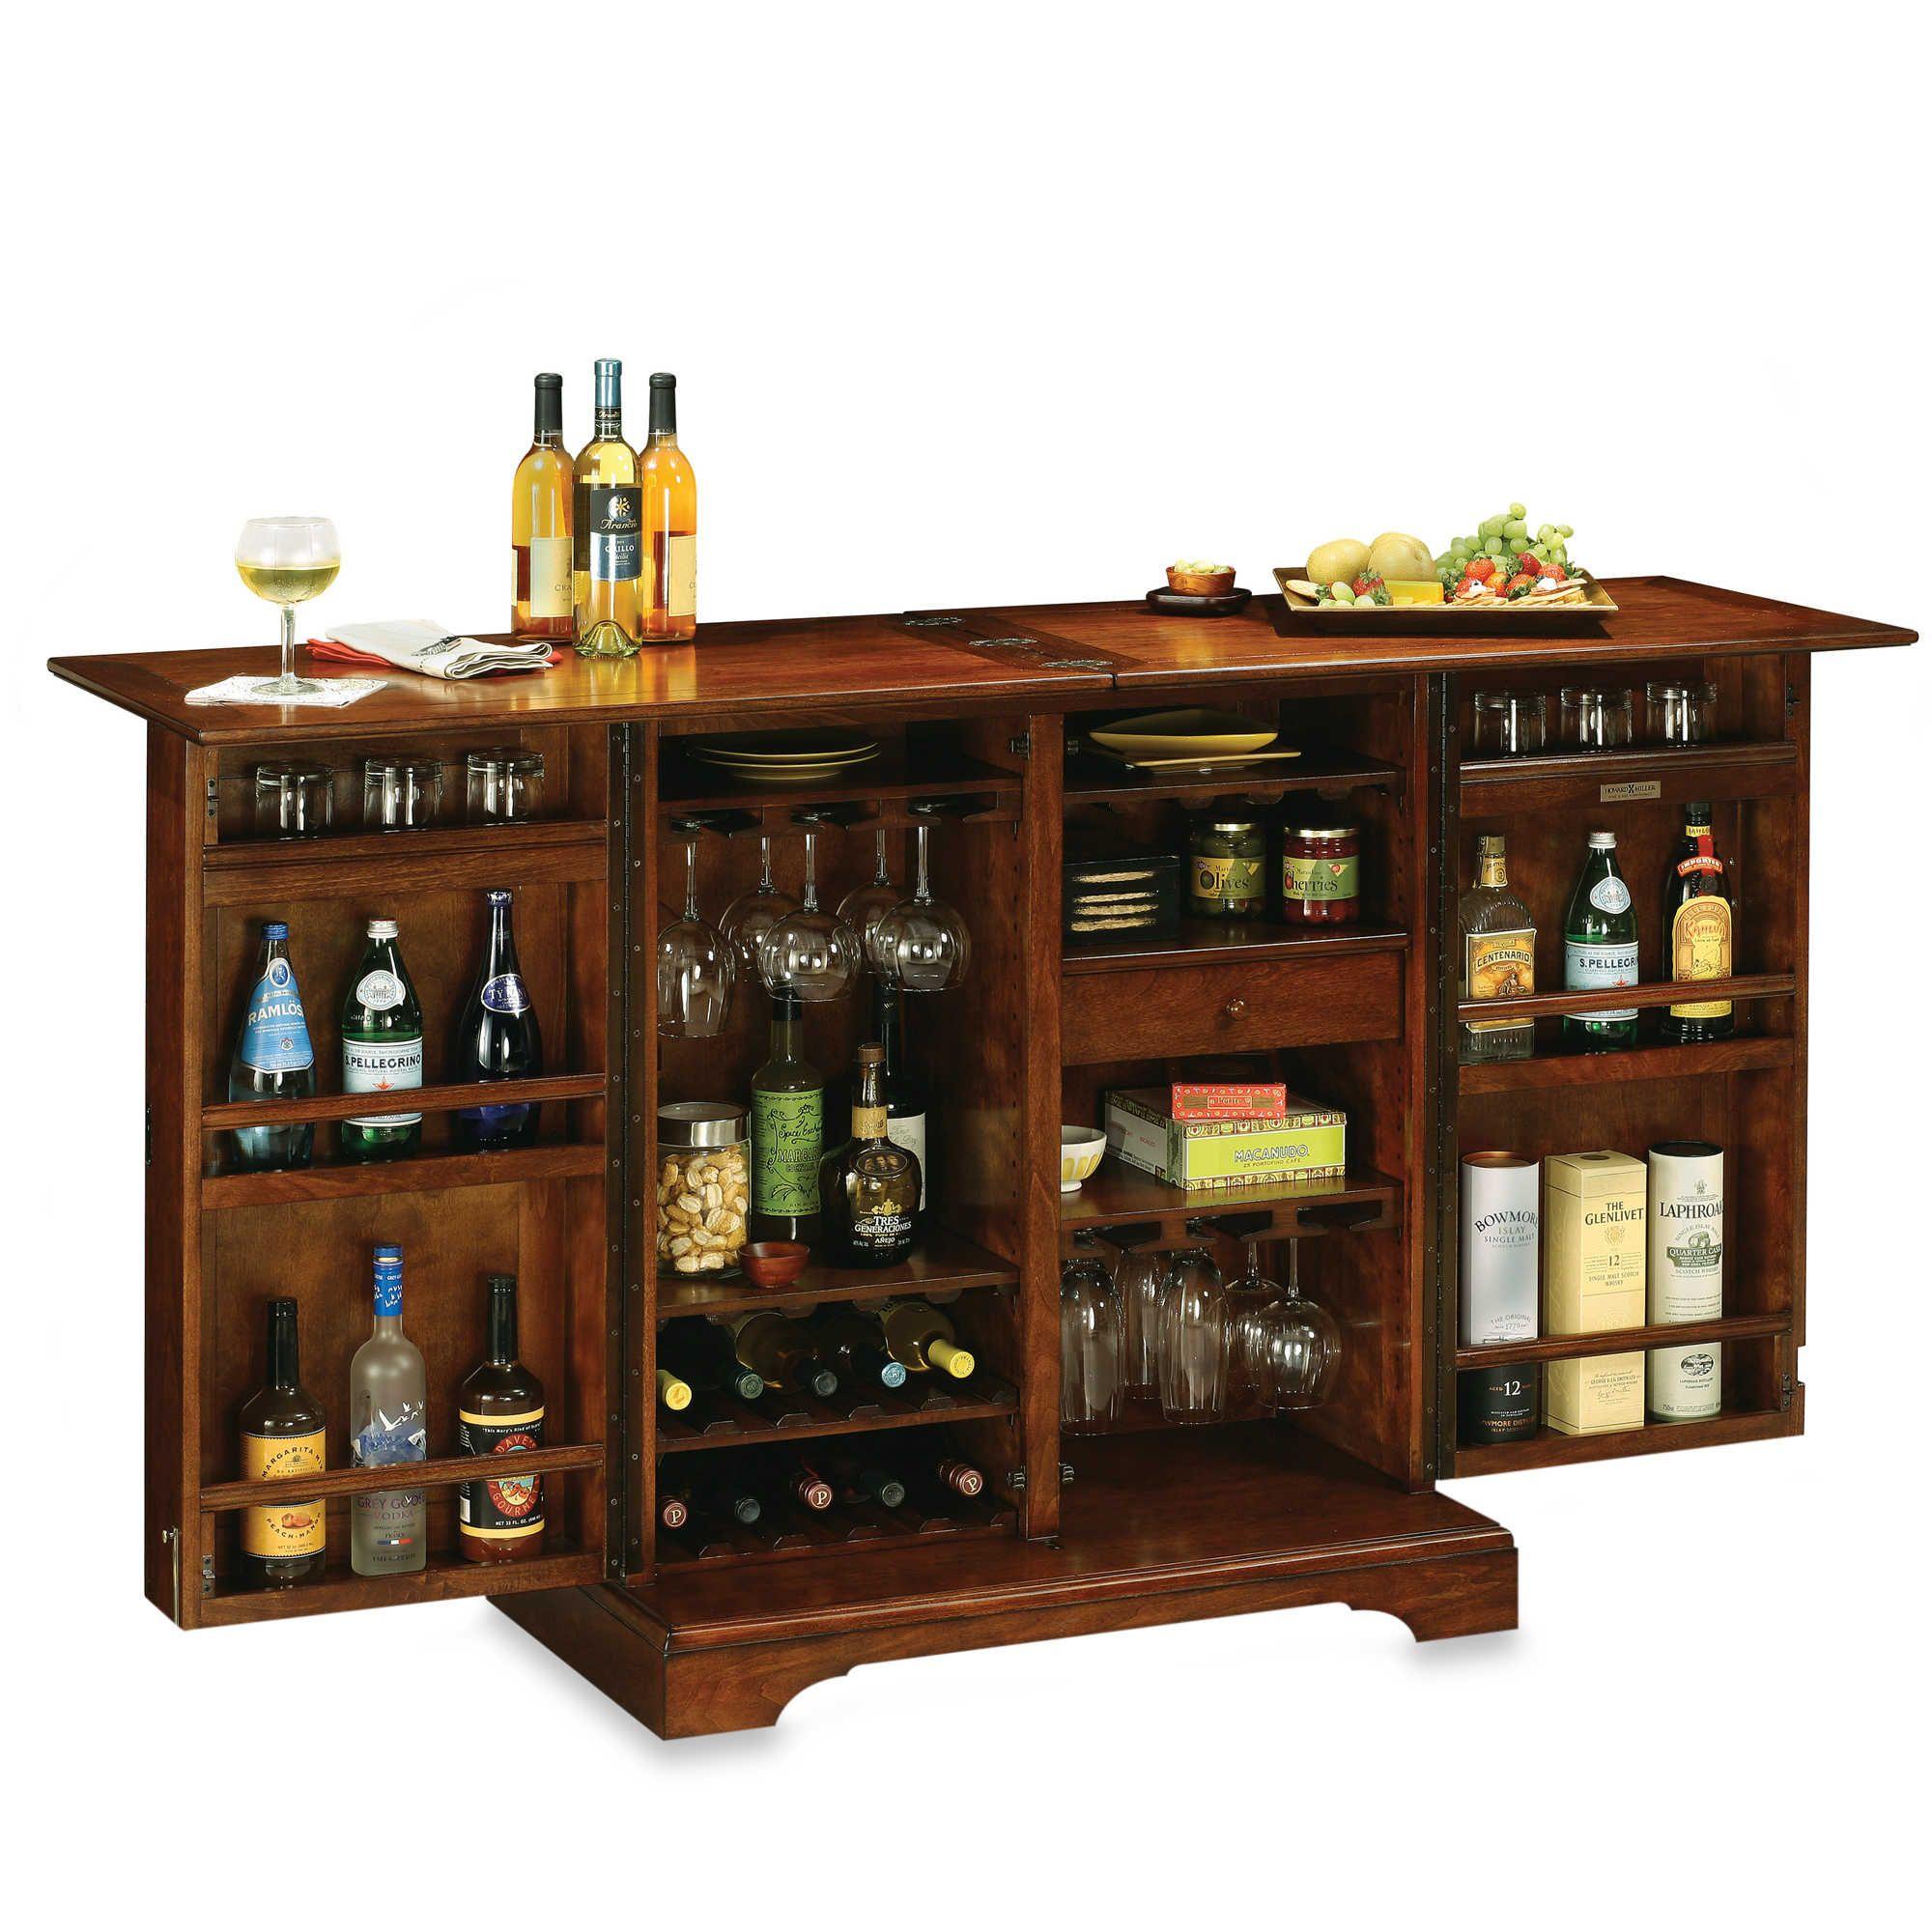 Pdp Main Image Bar Console Wine Bar Cabinet Home Bar Cabinet